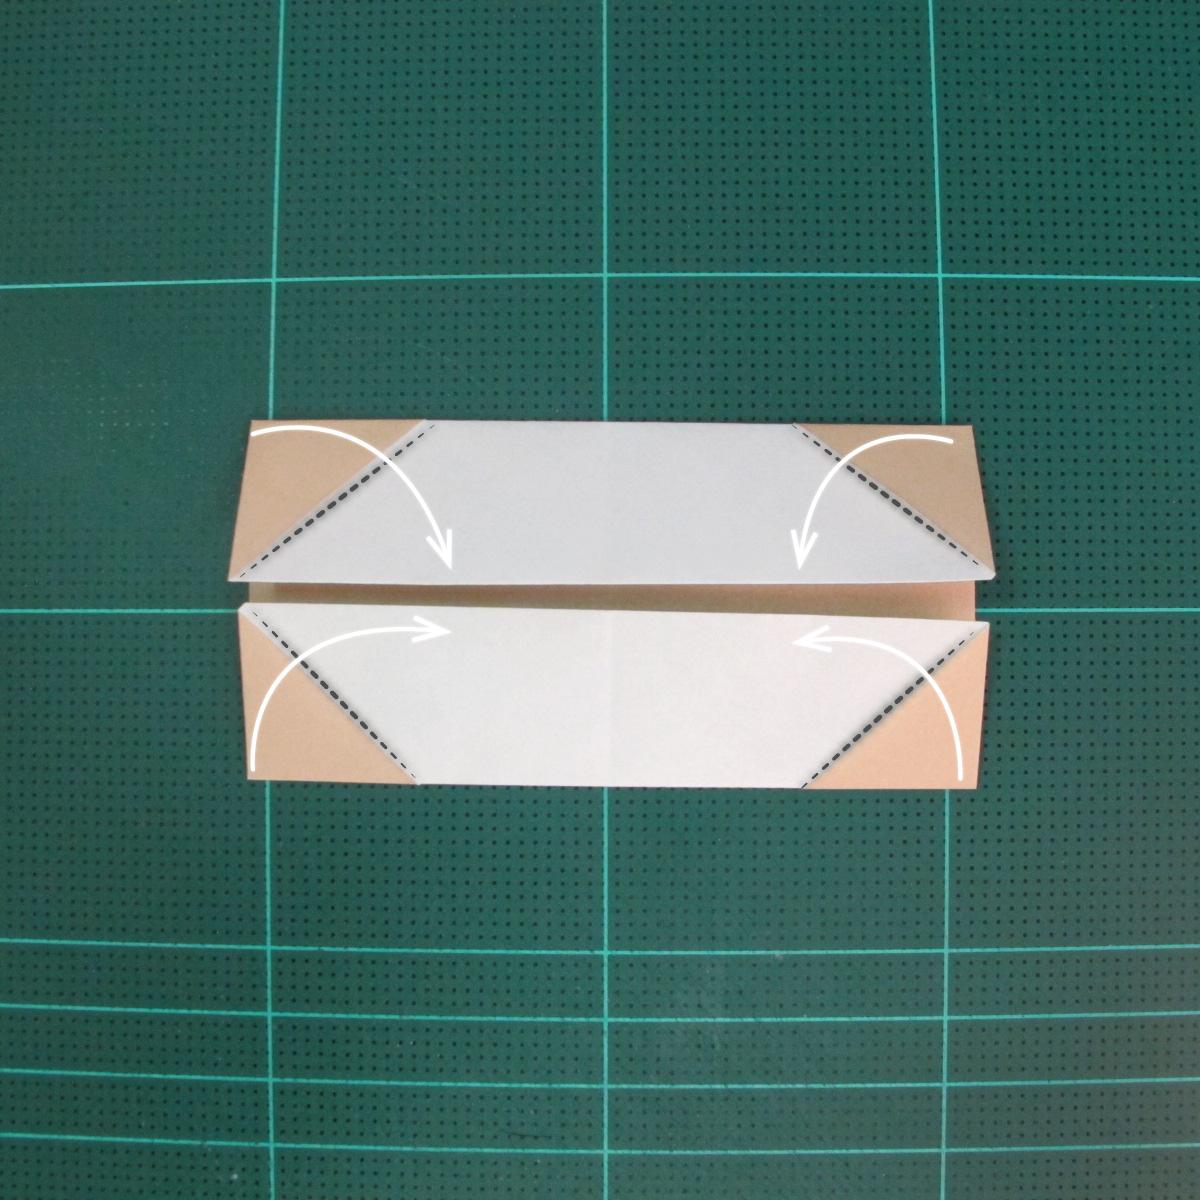 การพับกระดาษเป็นรูปเรือเรือสำปั้น (Origami Sampan) 007